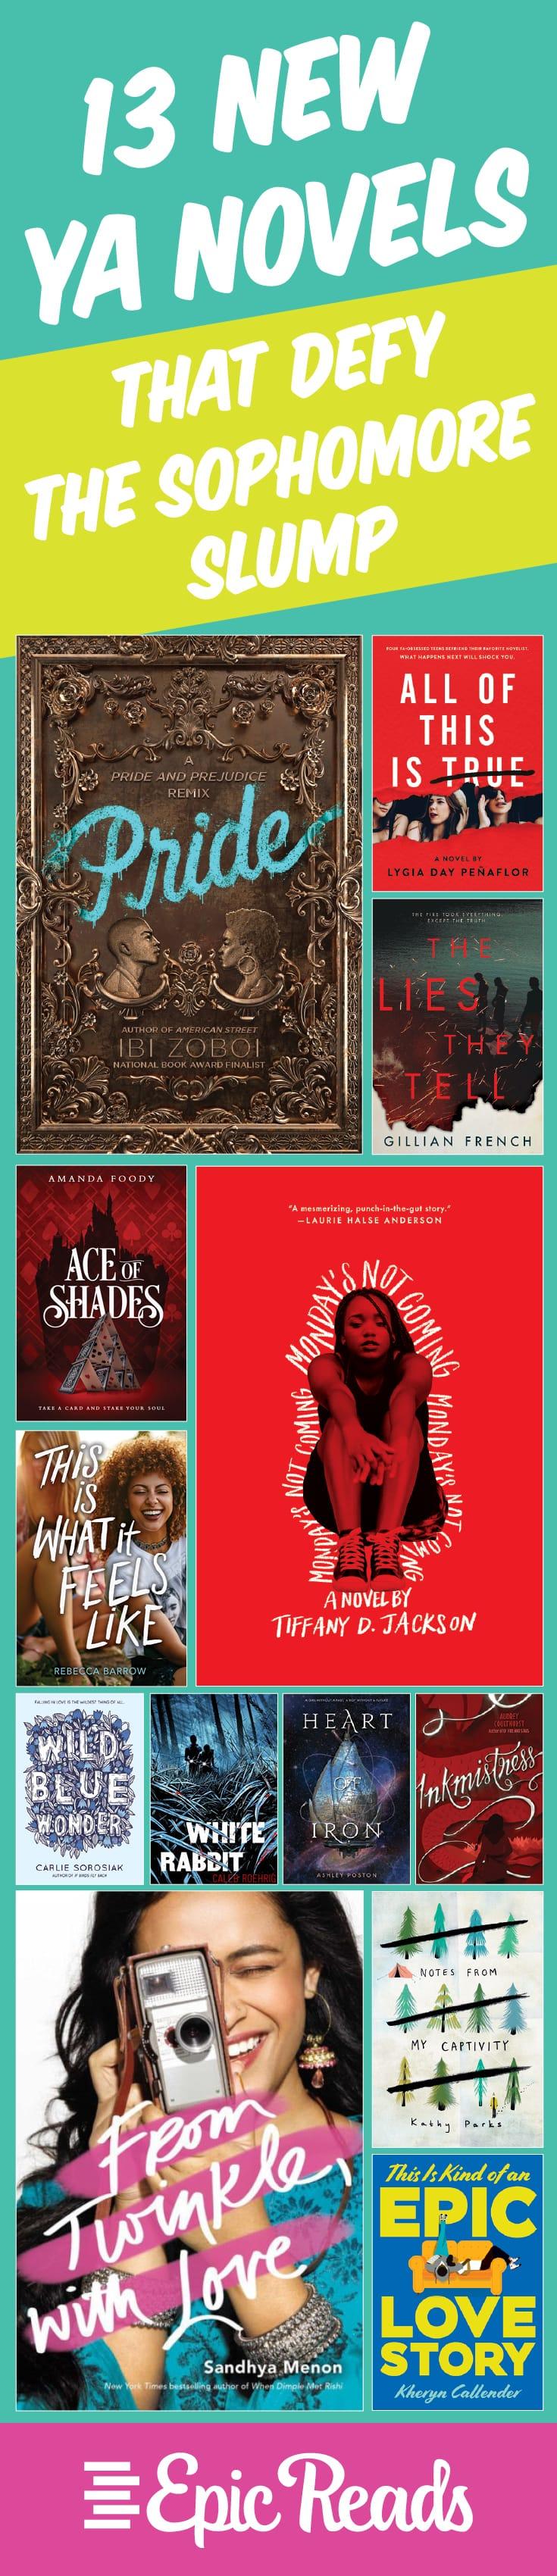 13 New YA Novels That Defy the Sophomore Slump